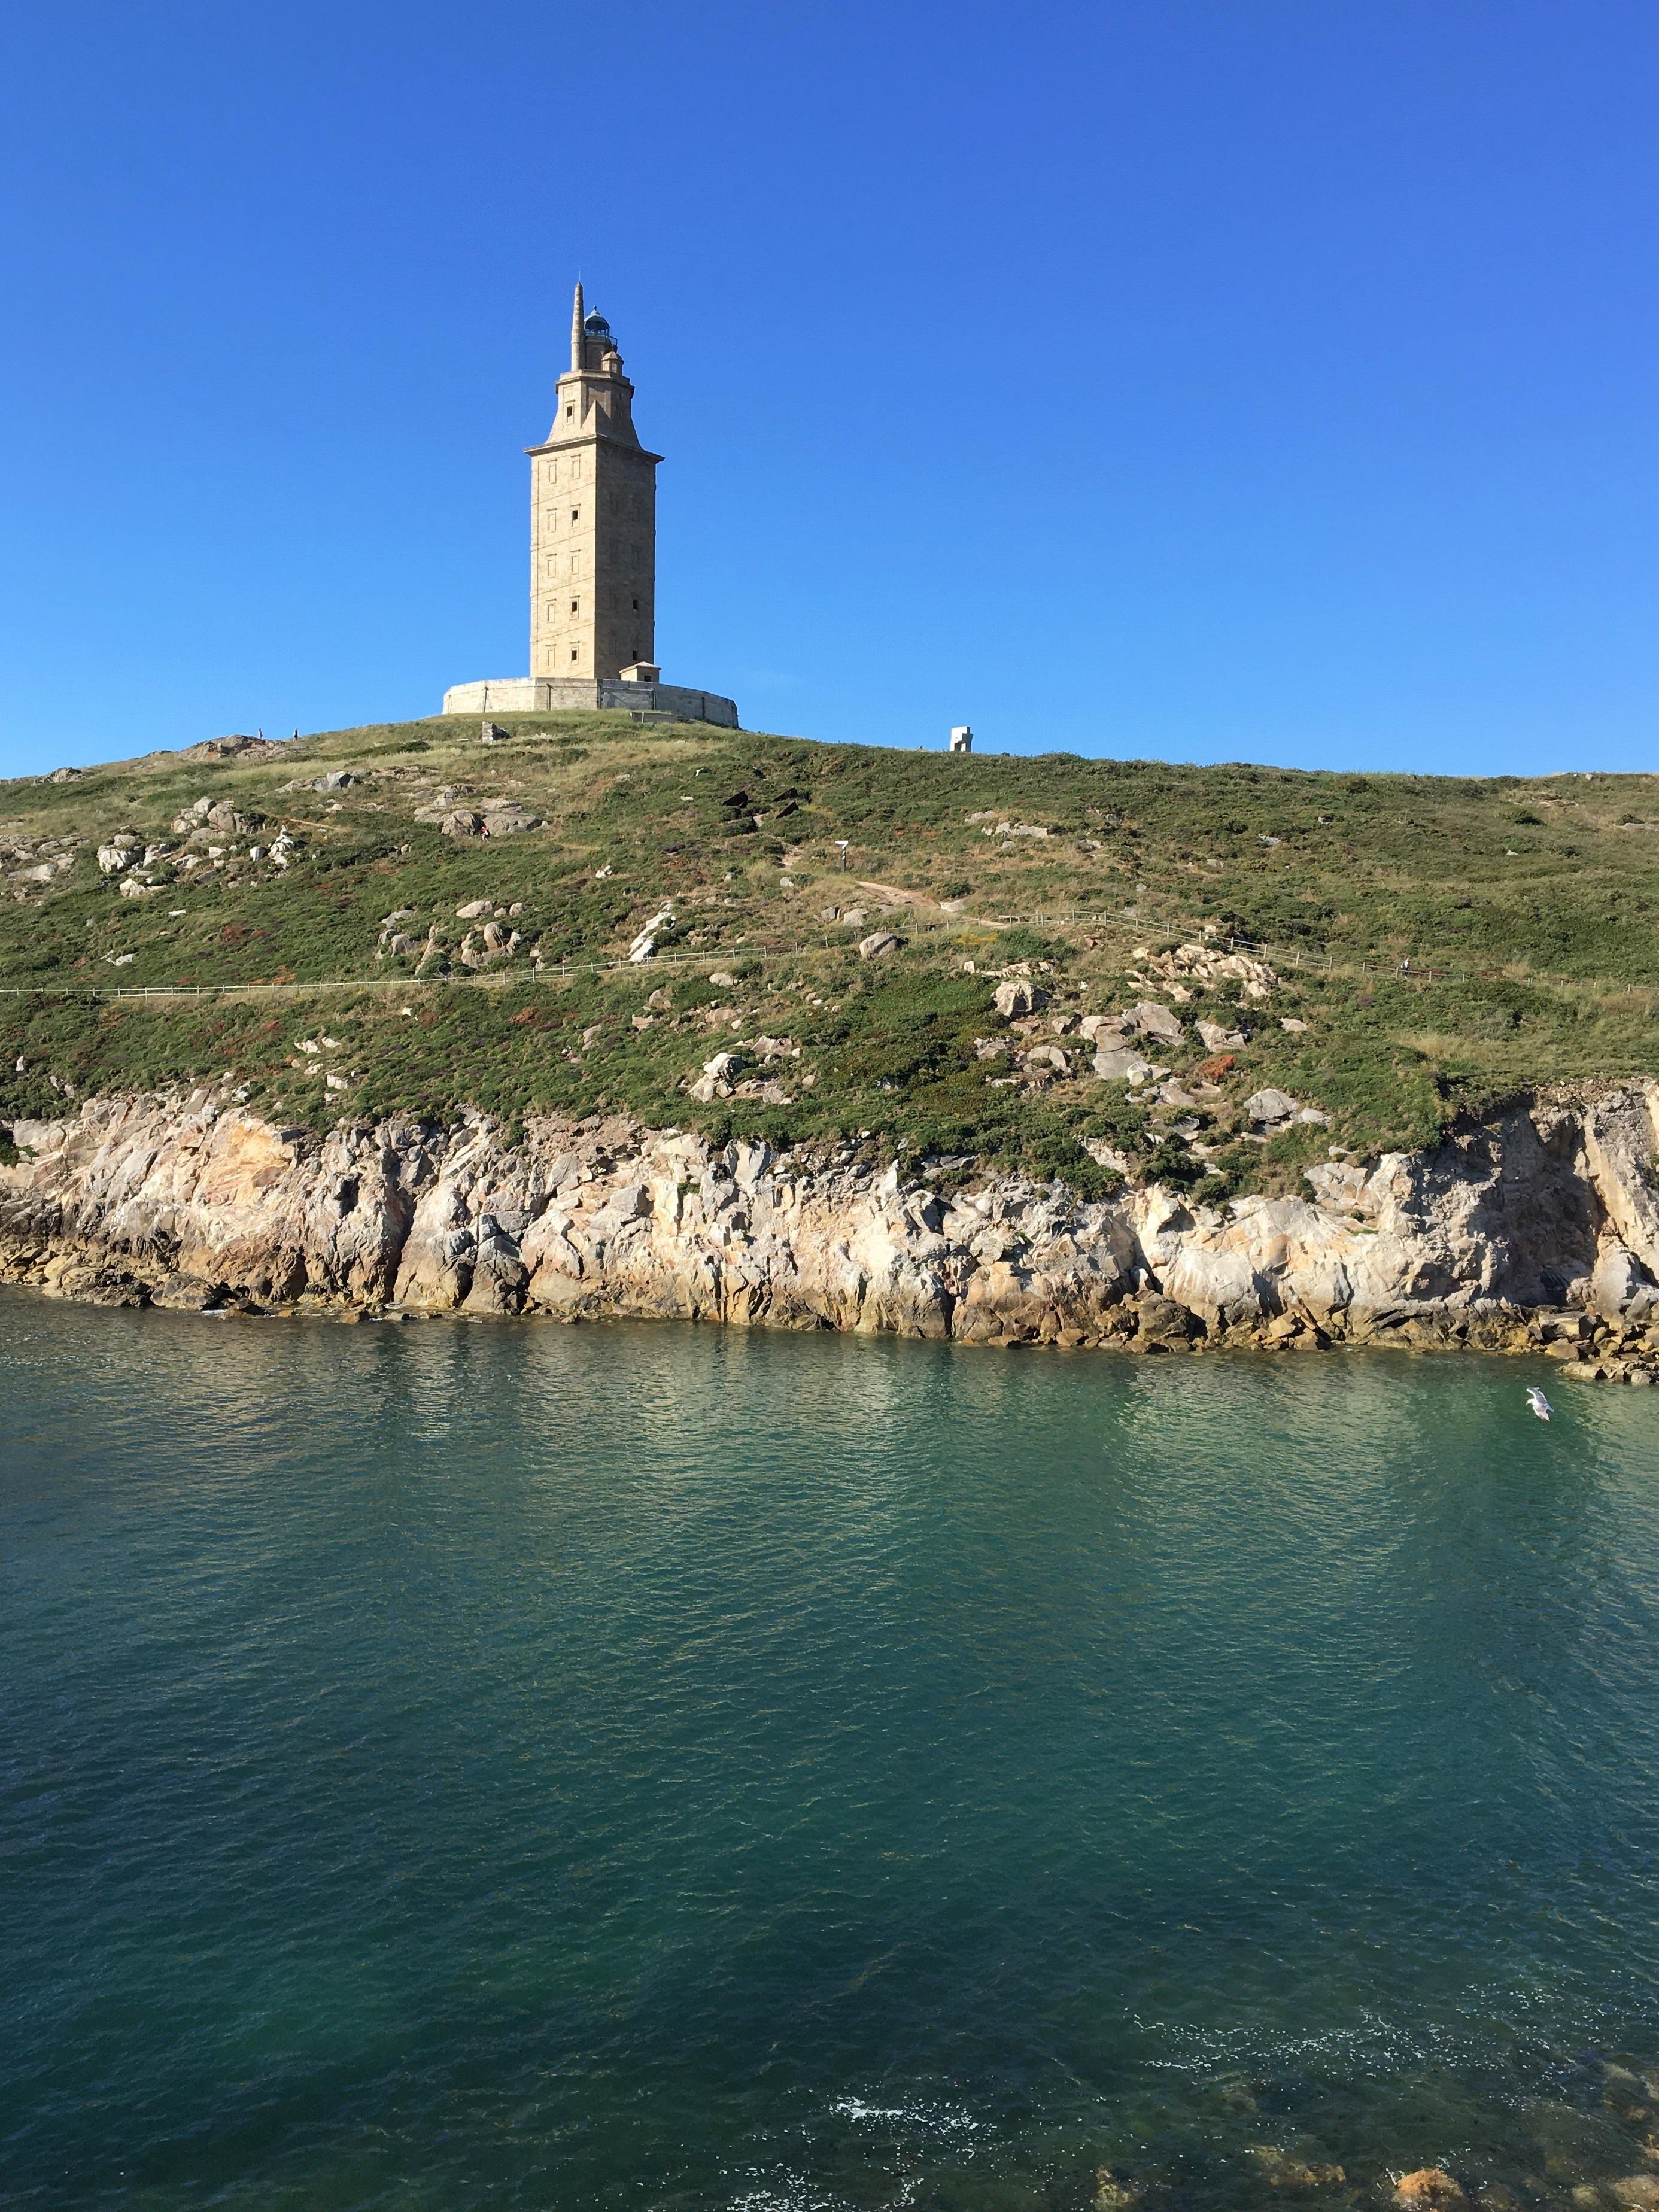 Tower of Hercules in Coruña Spain